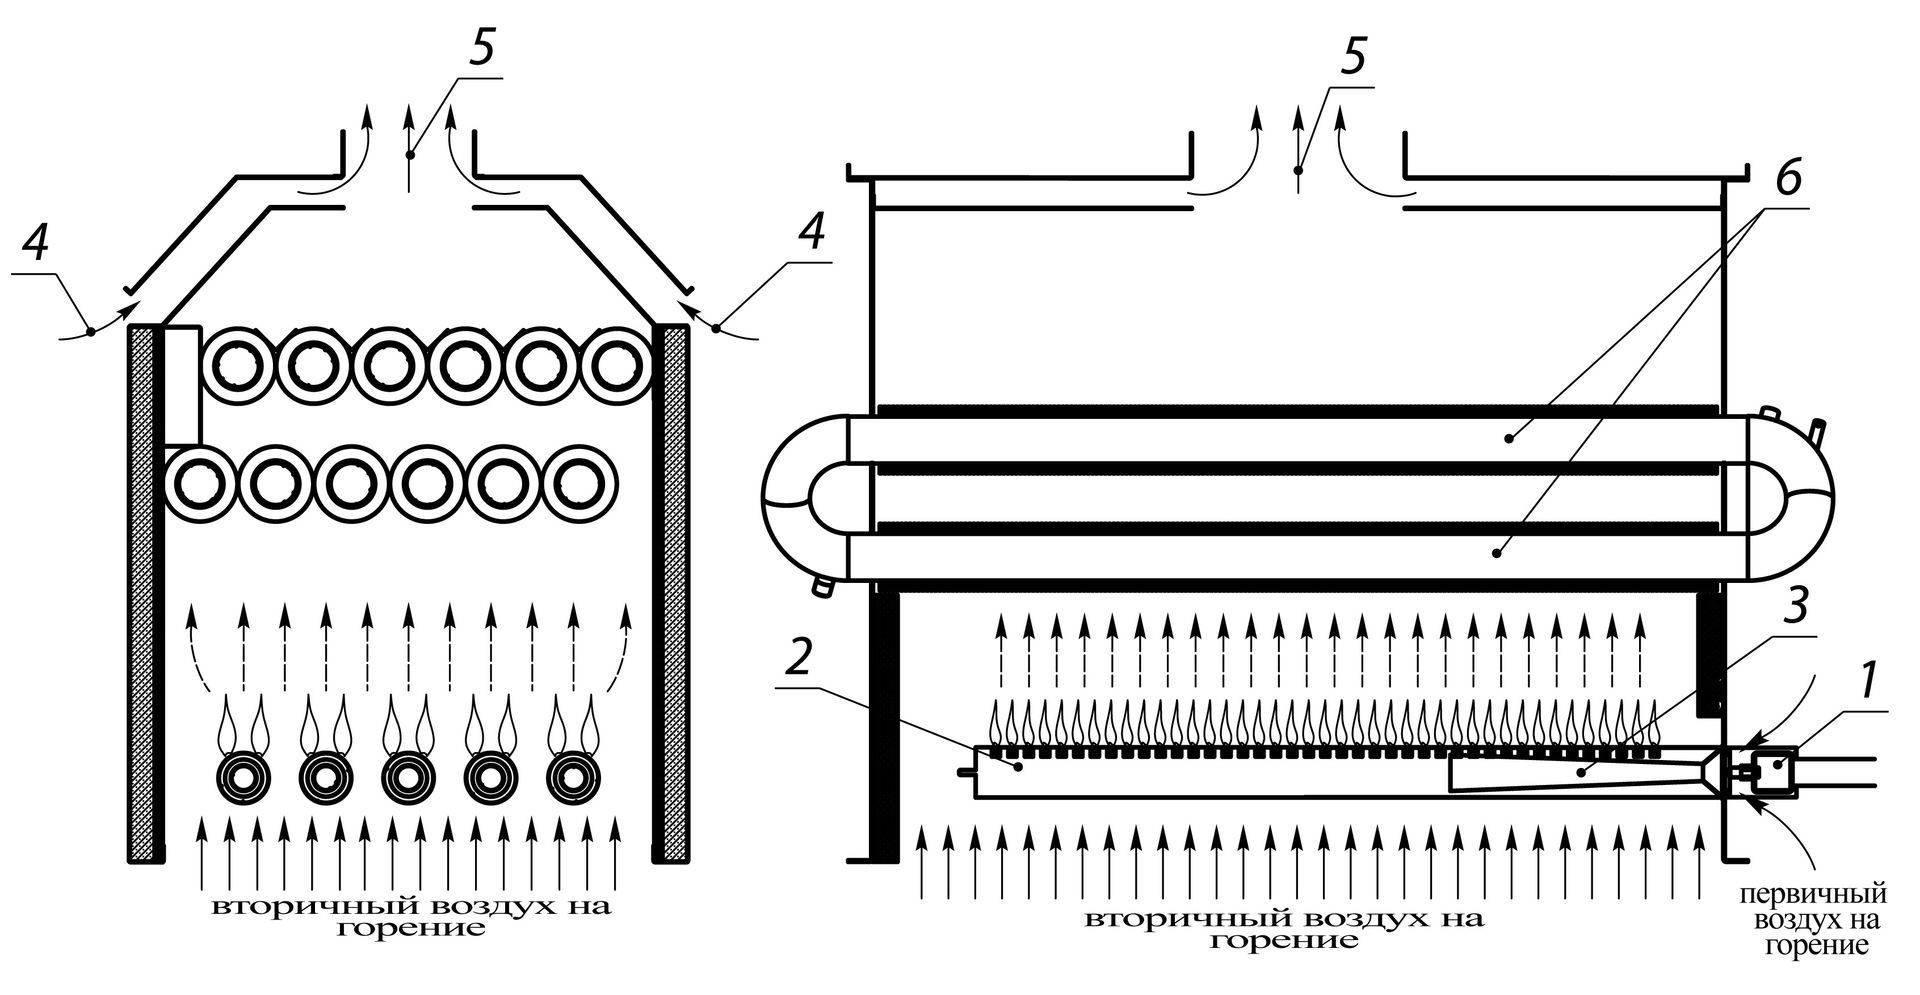 Как отключить датчик тяги в газовом котле